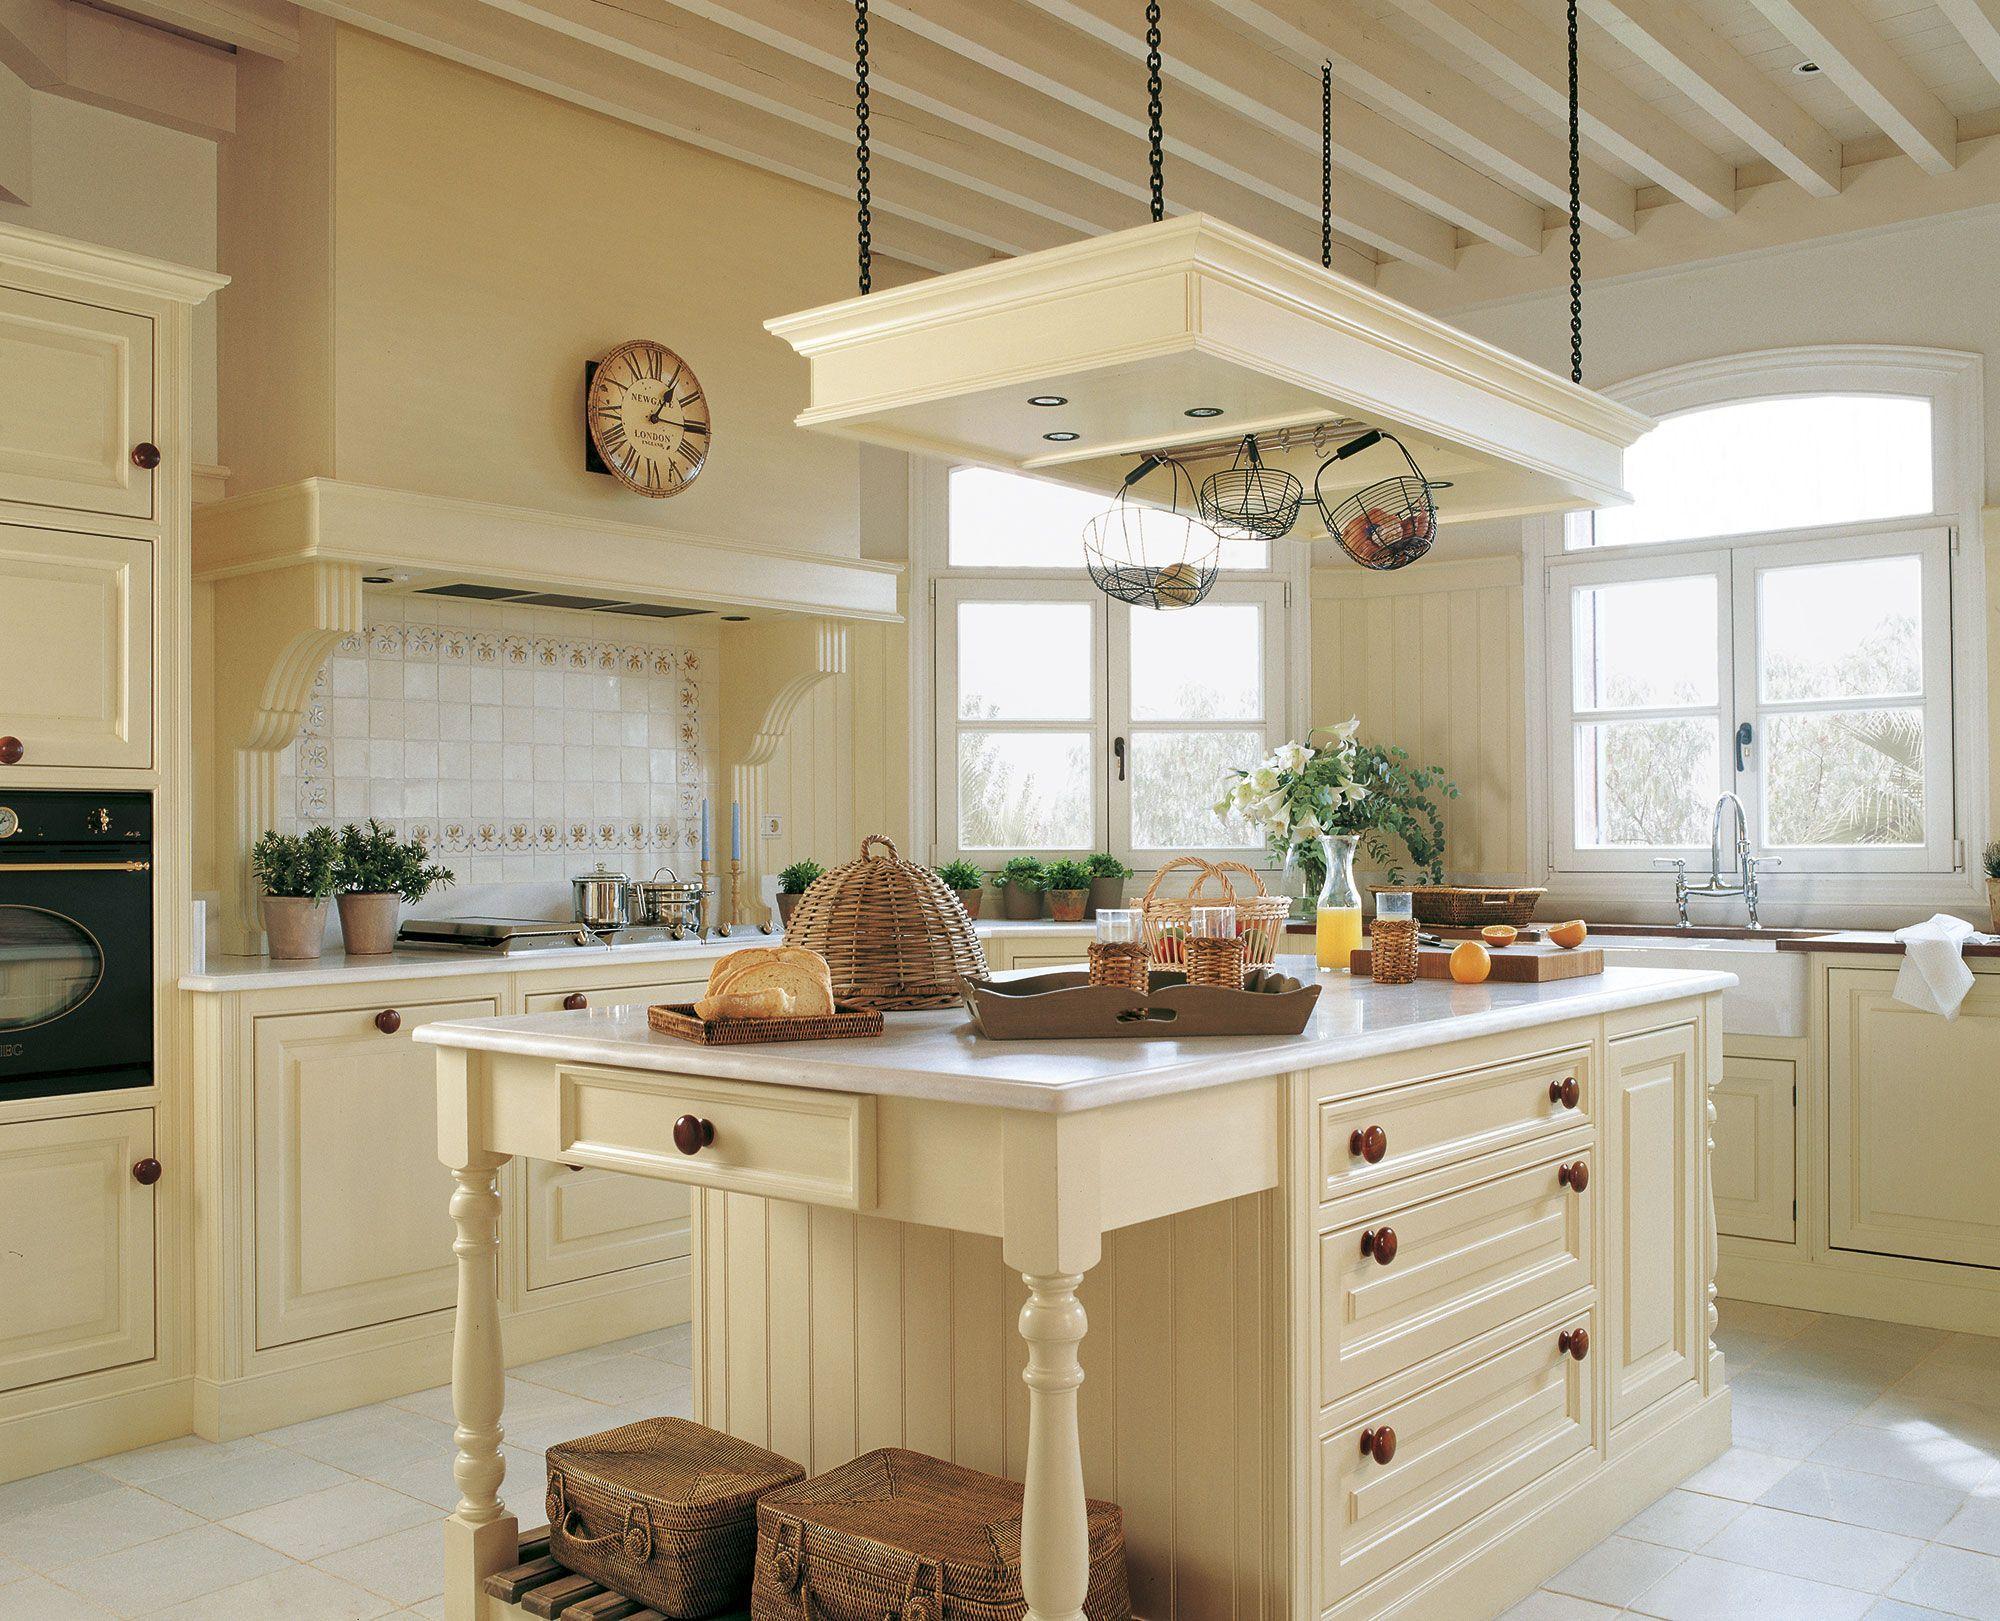 Cocina en color crema con isla y campana de obra ...